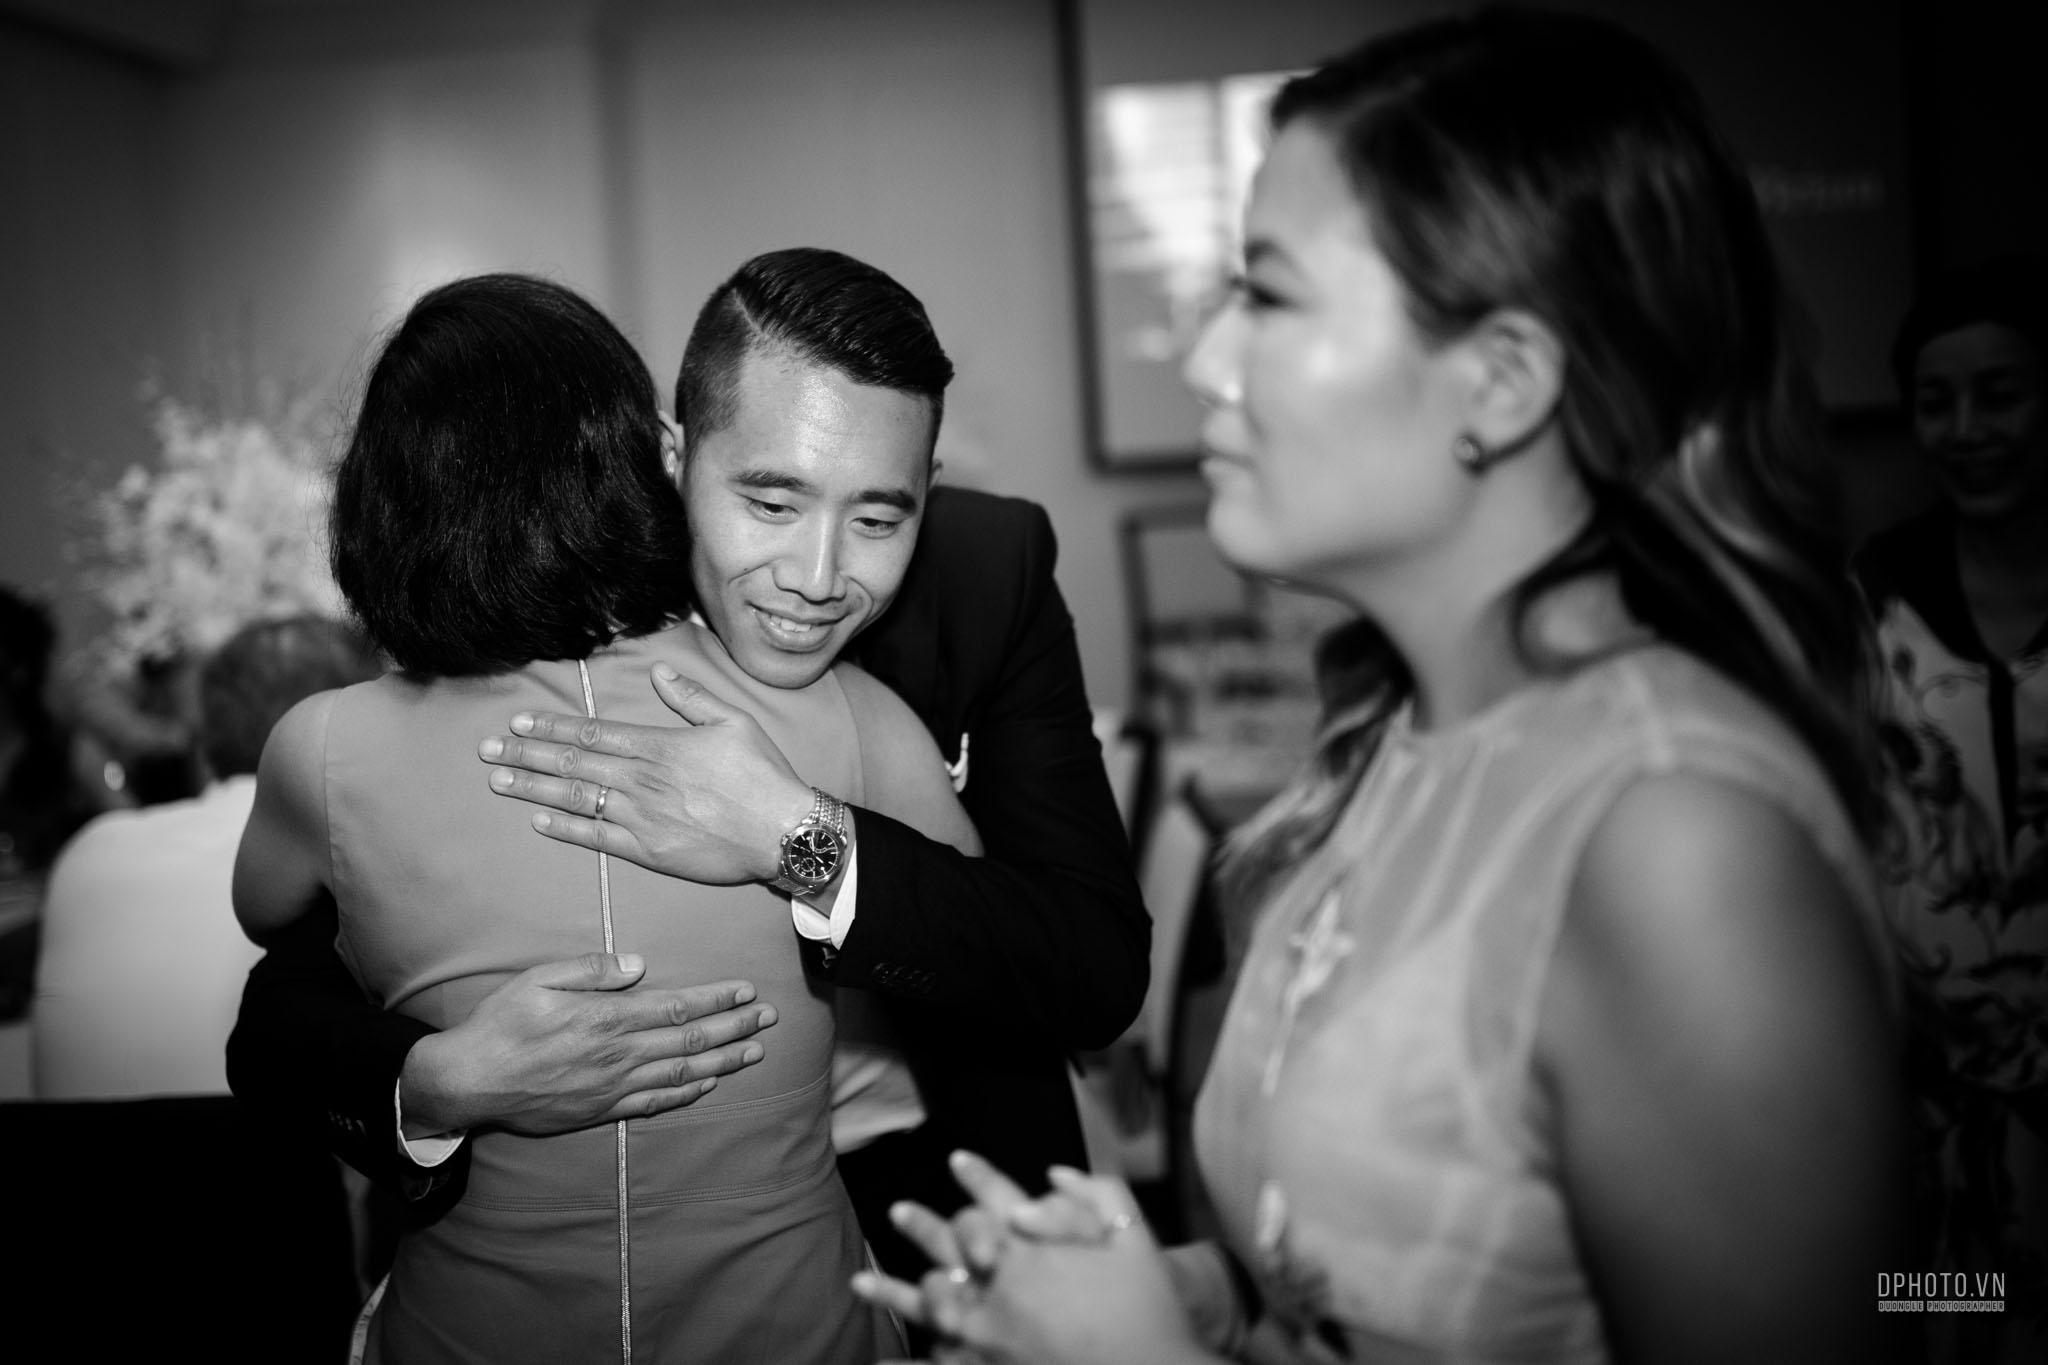 saigon_wedding_photography-58